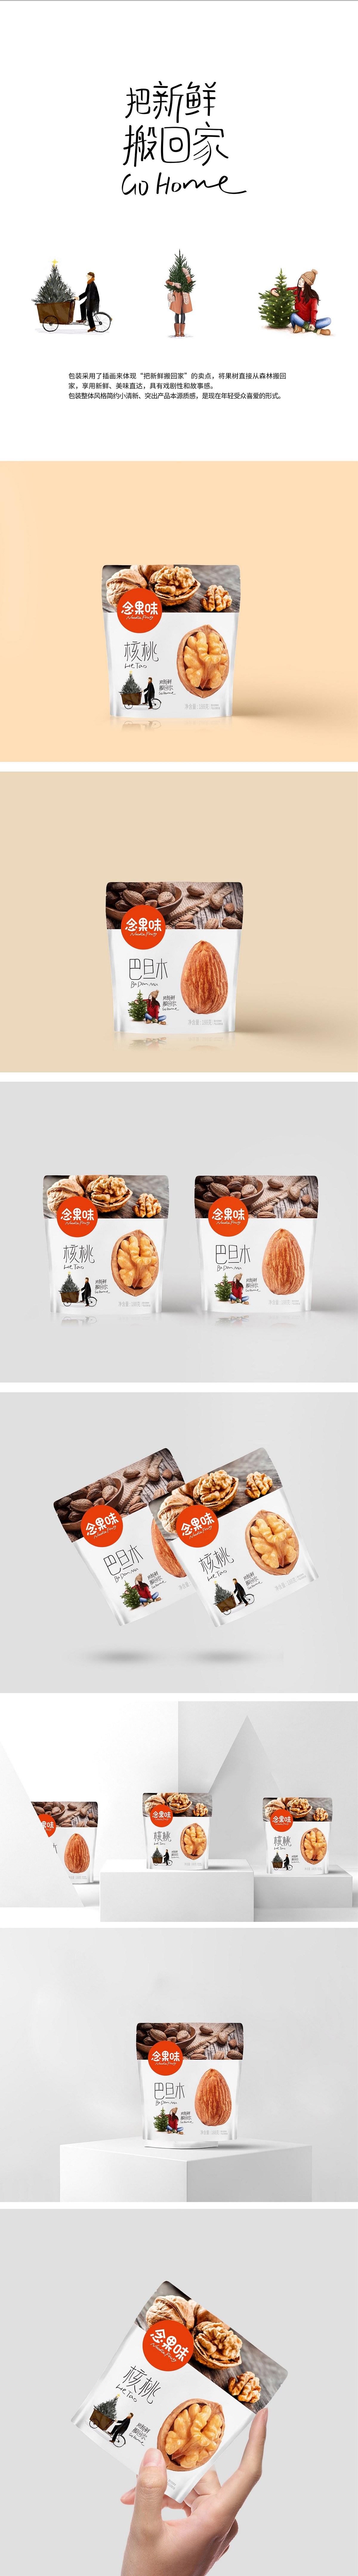 坚果休闲食品包装原创设计